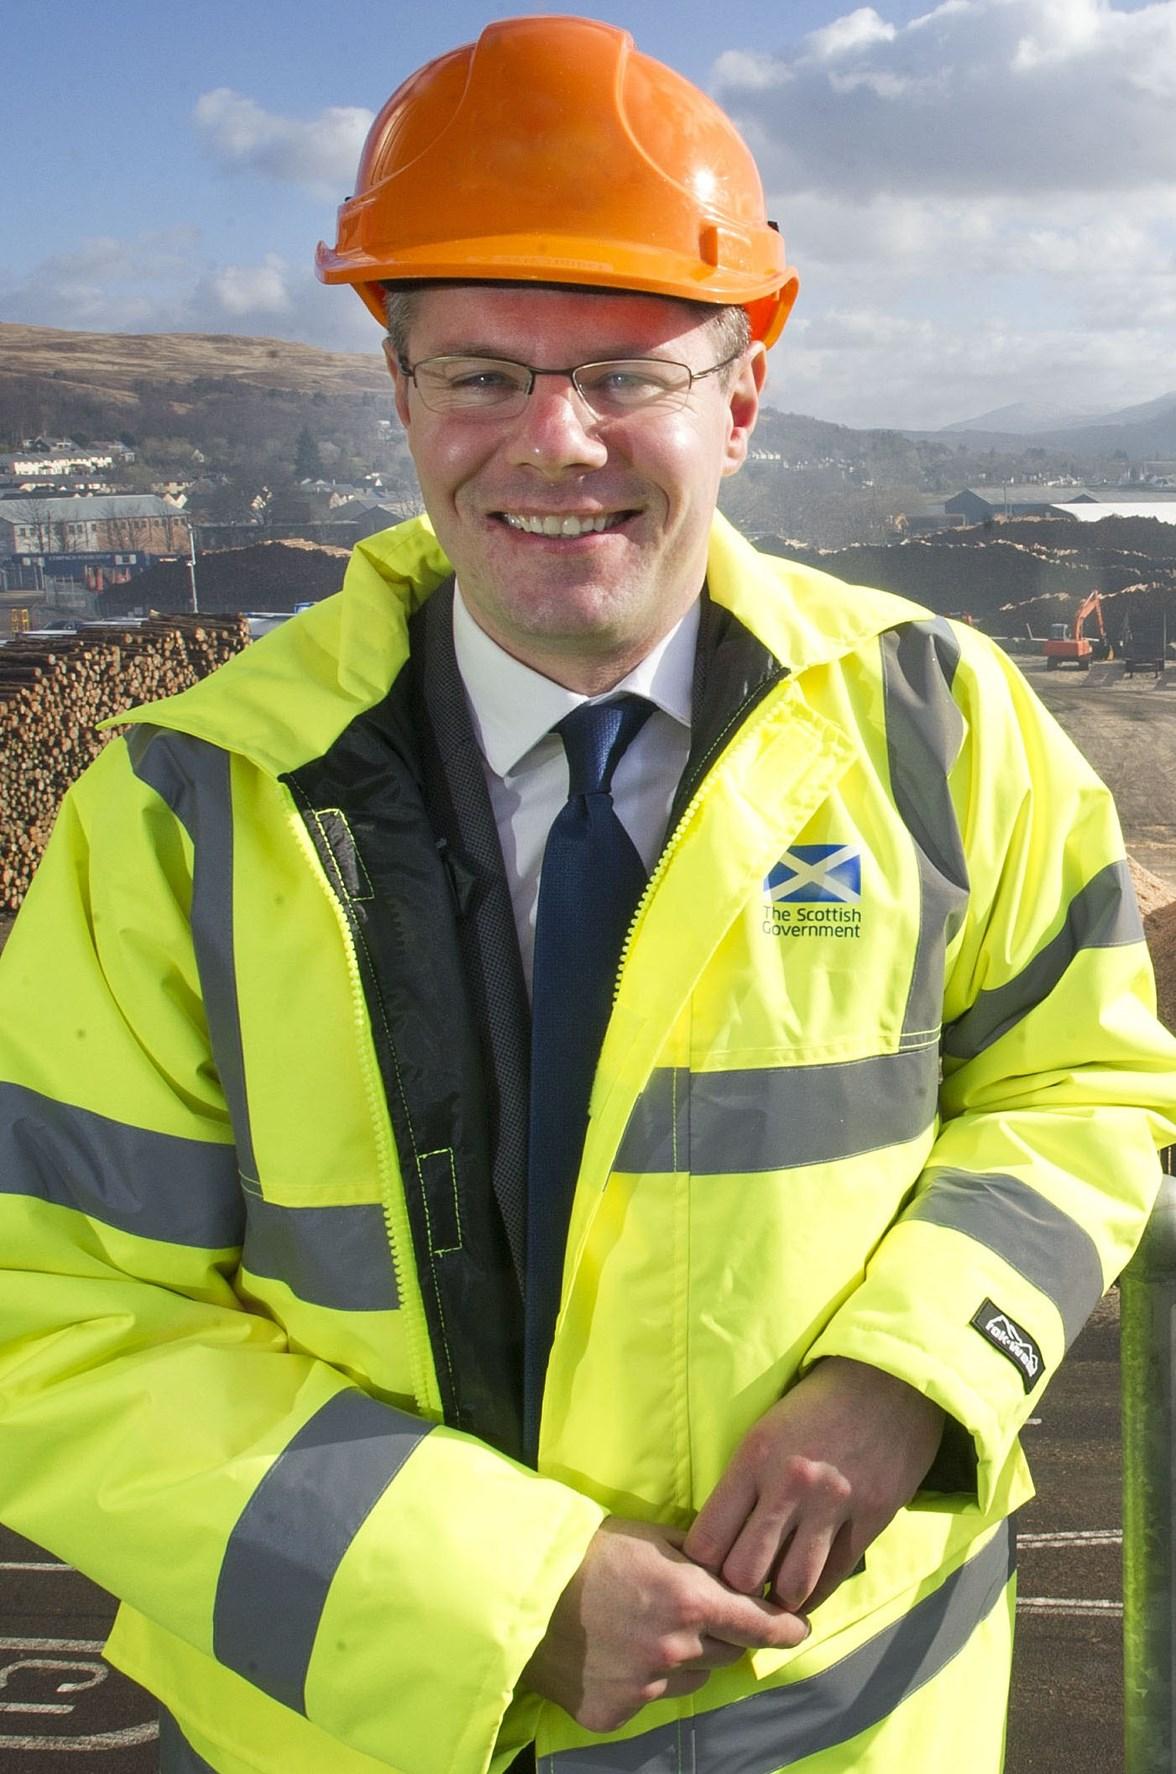 Transport Minister, Derek Mackay